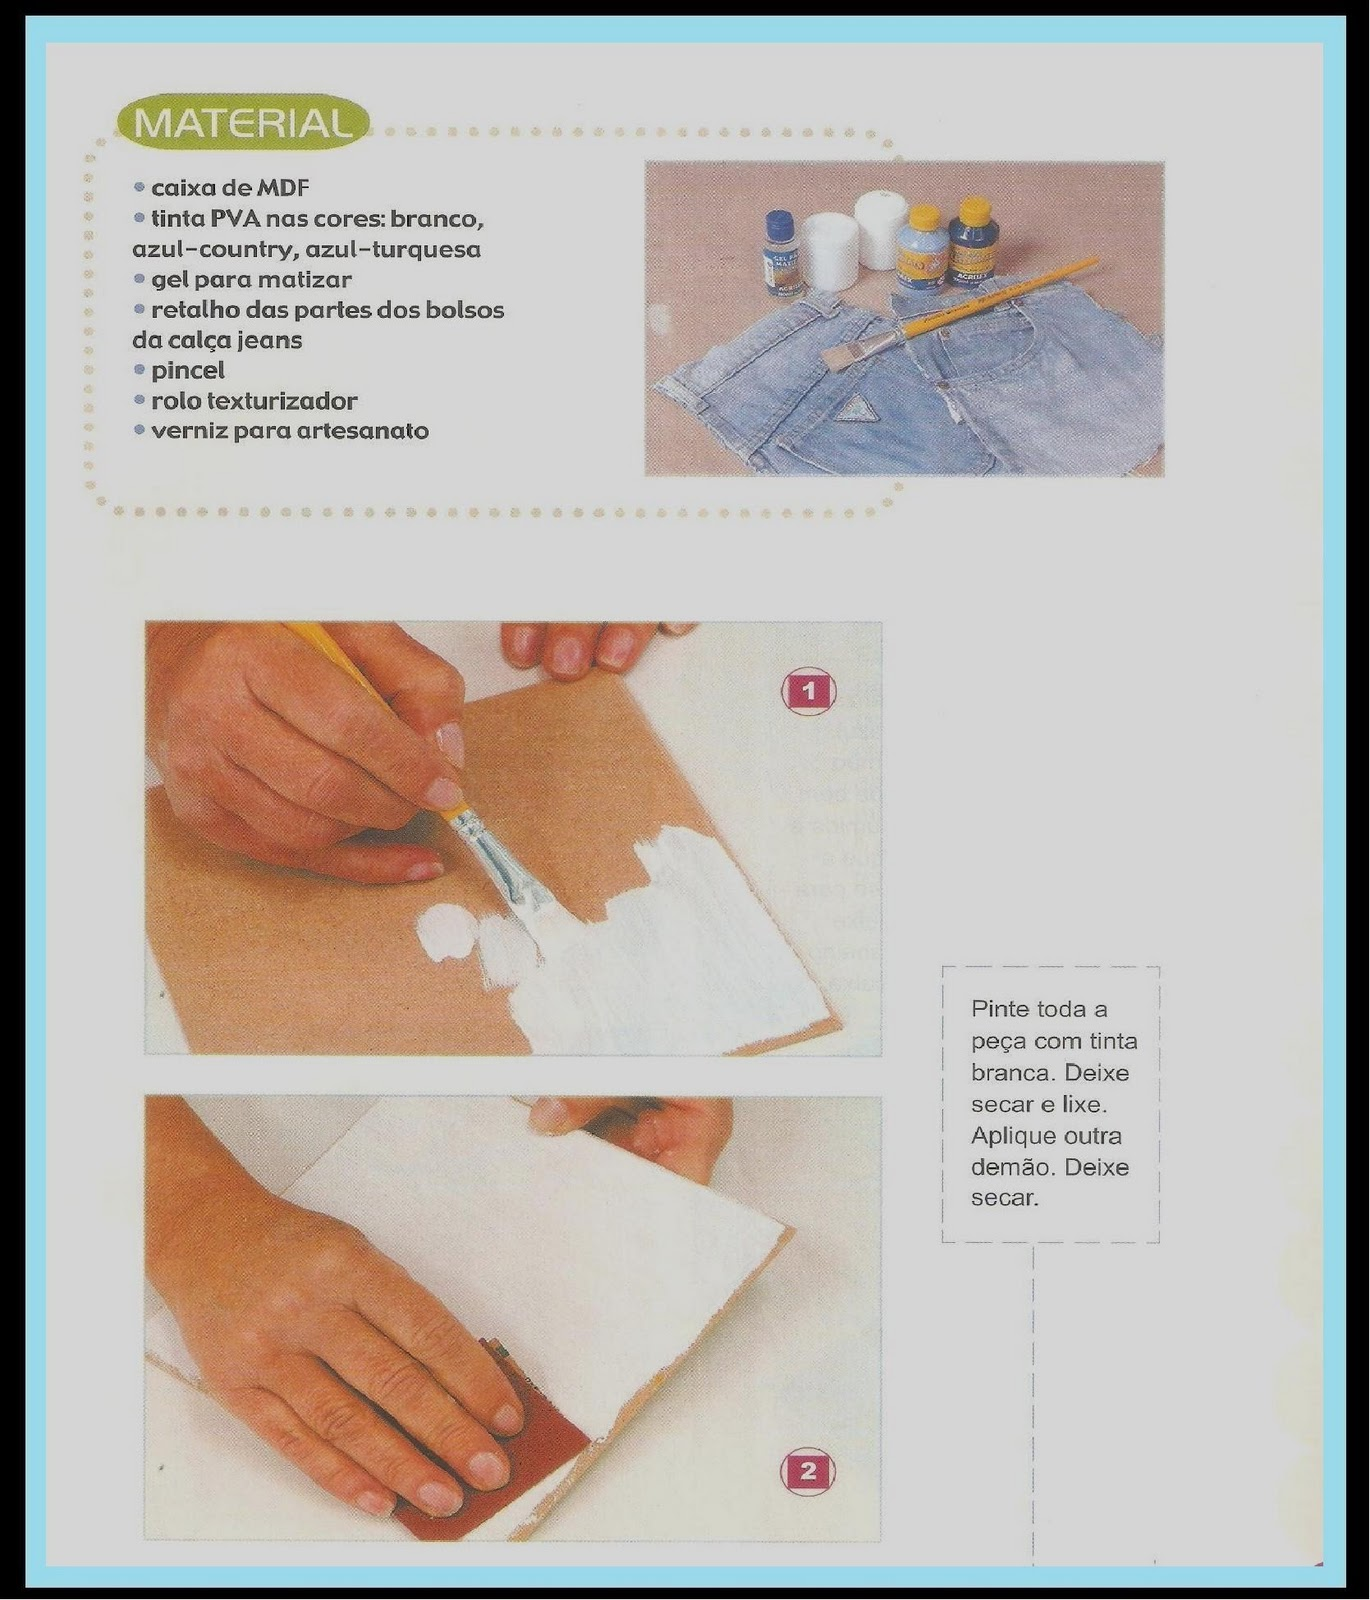 passo a passo desta caixa que utiliza pedaços de calça jeans #248CA7 1370x1600